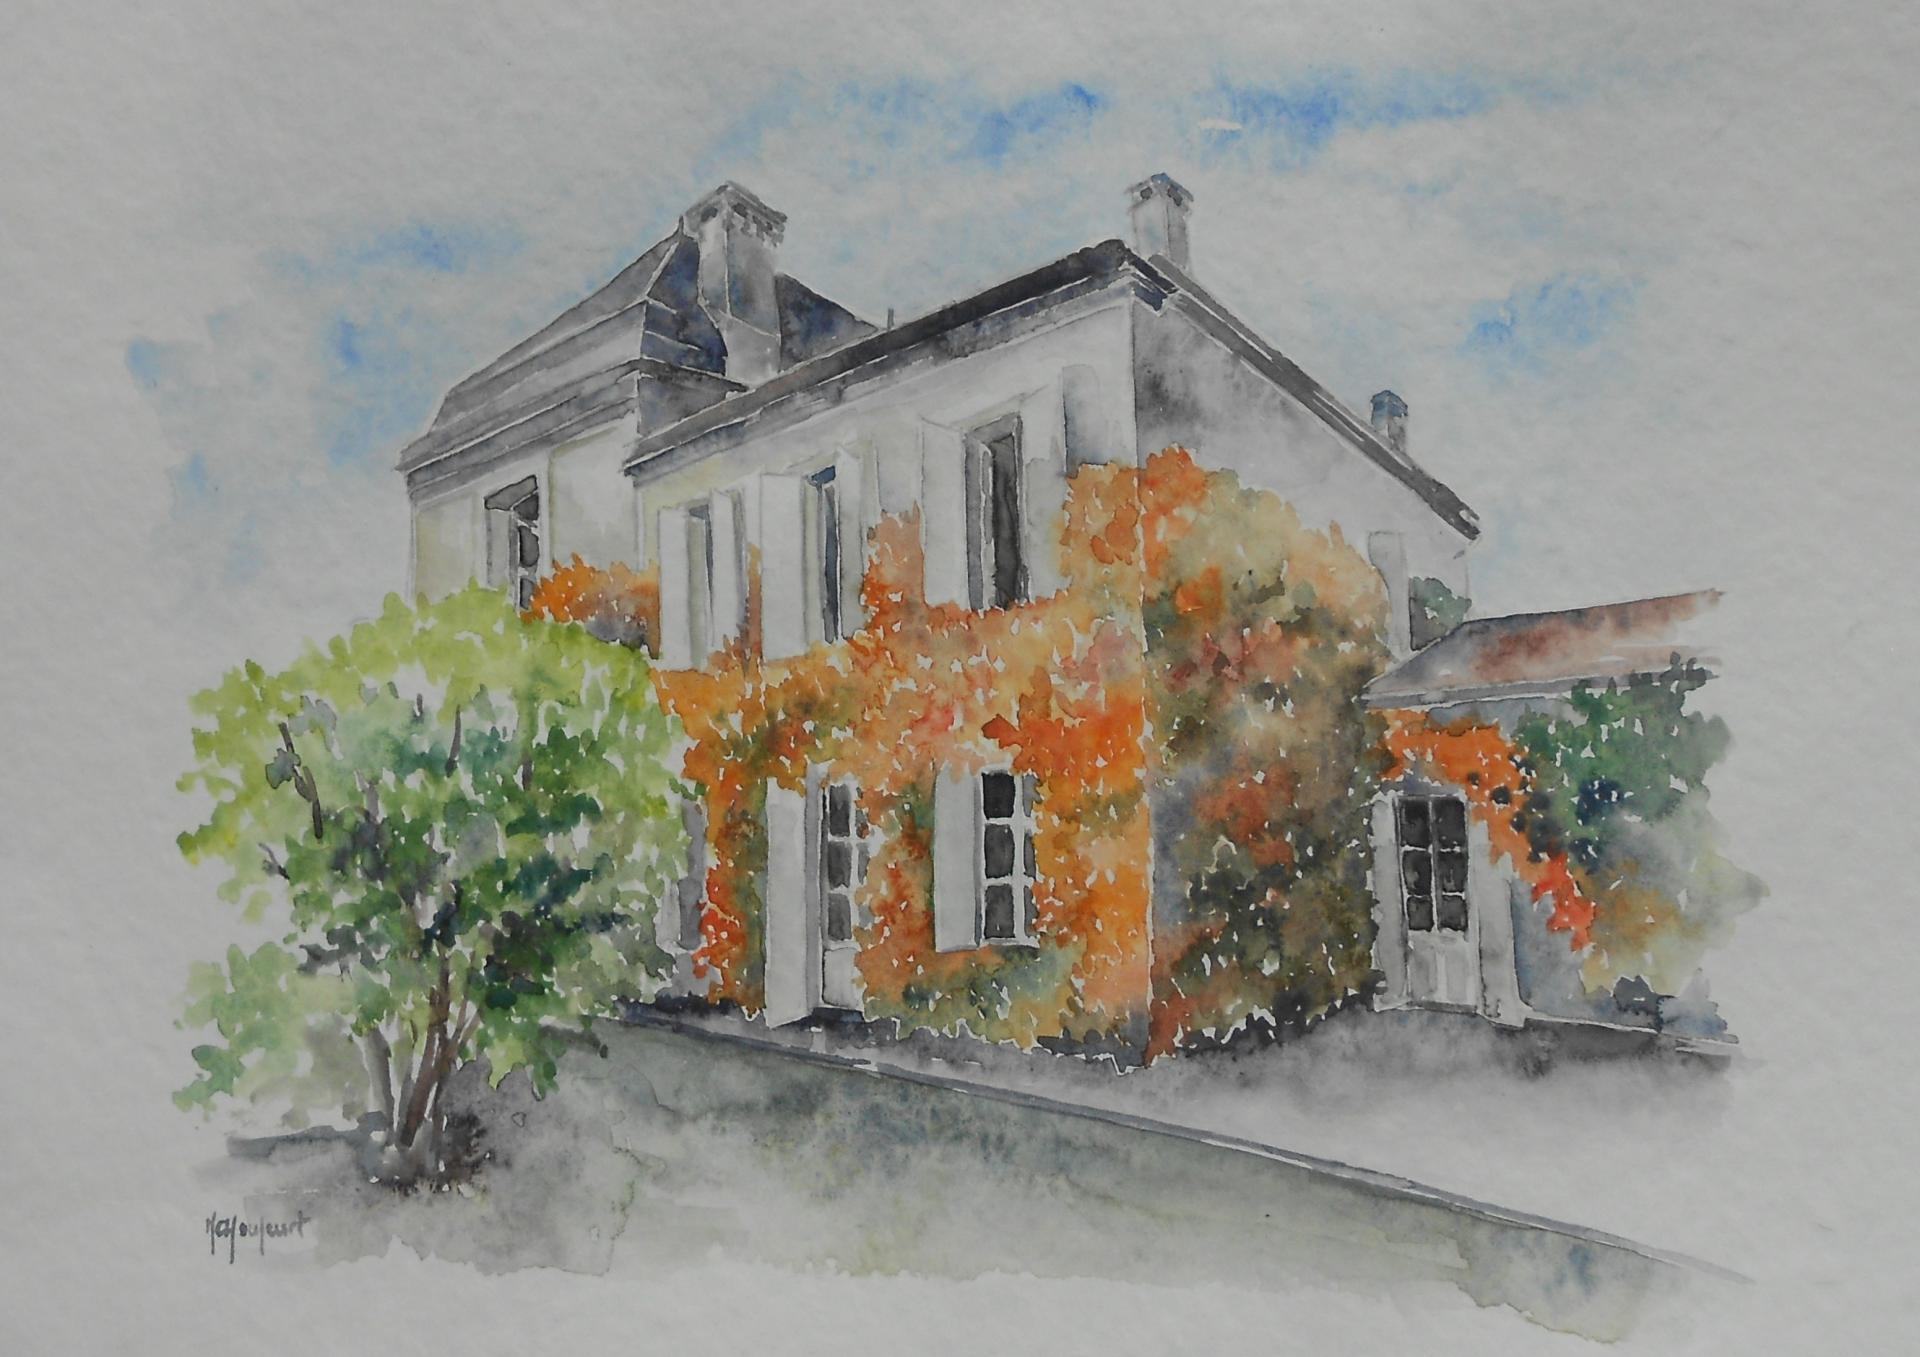 une id e cadeau faites r aliser votre maison l 39 aquarelle